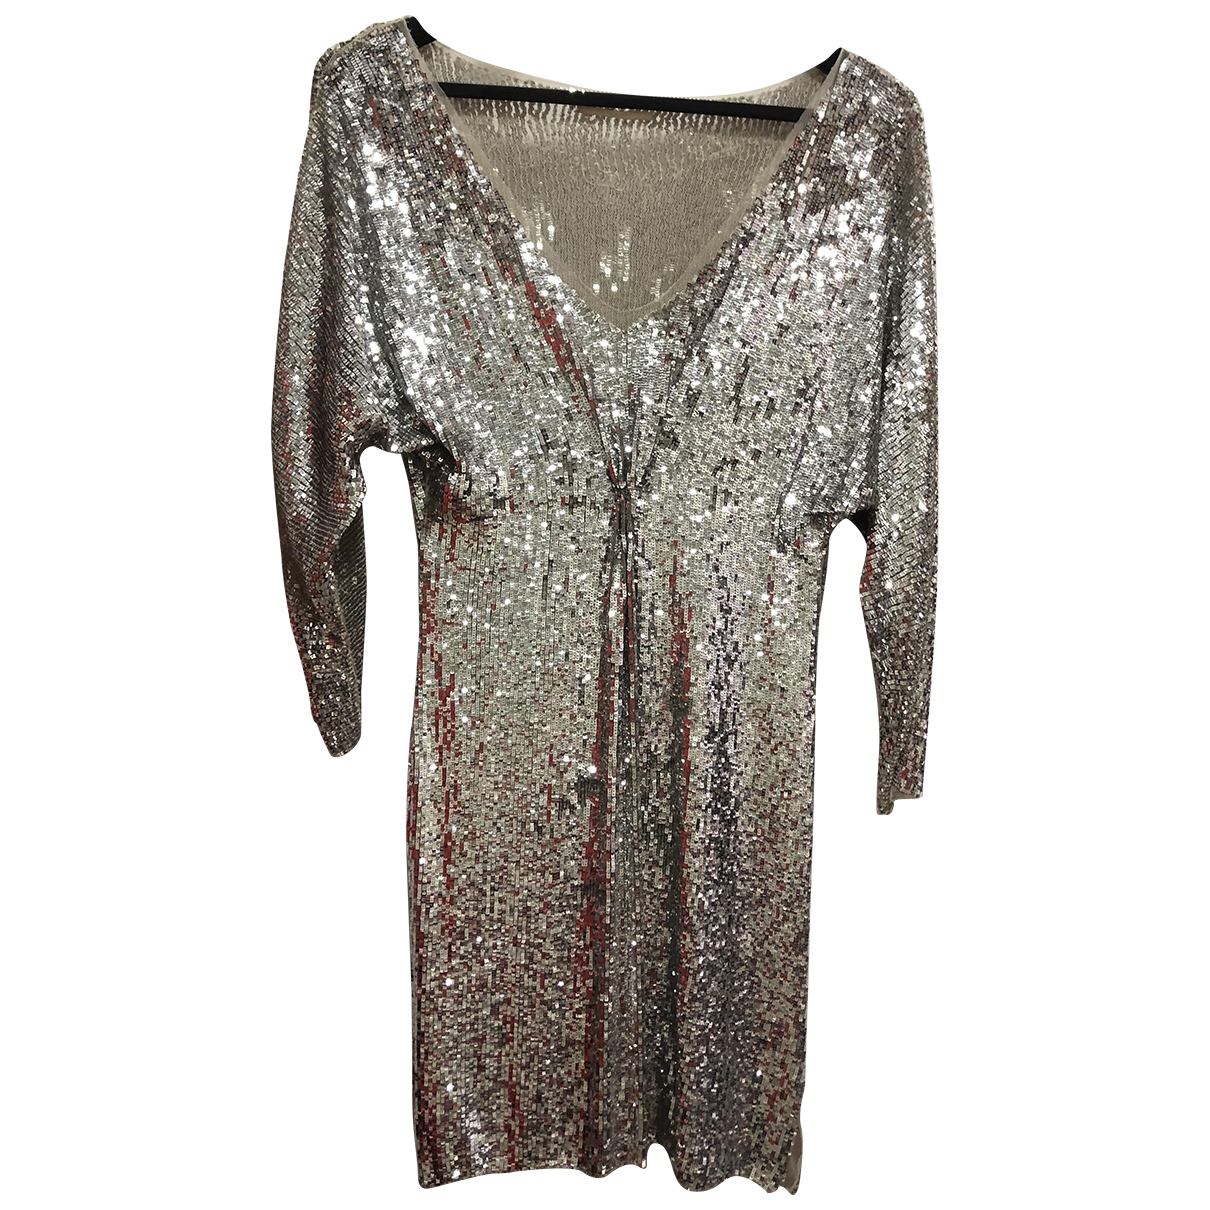 Amen Italy \N Metallic Glitter dress for Women 42 IT